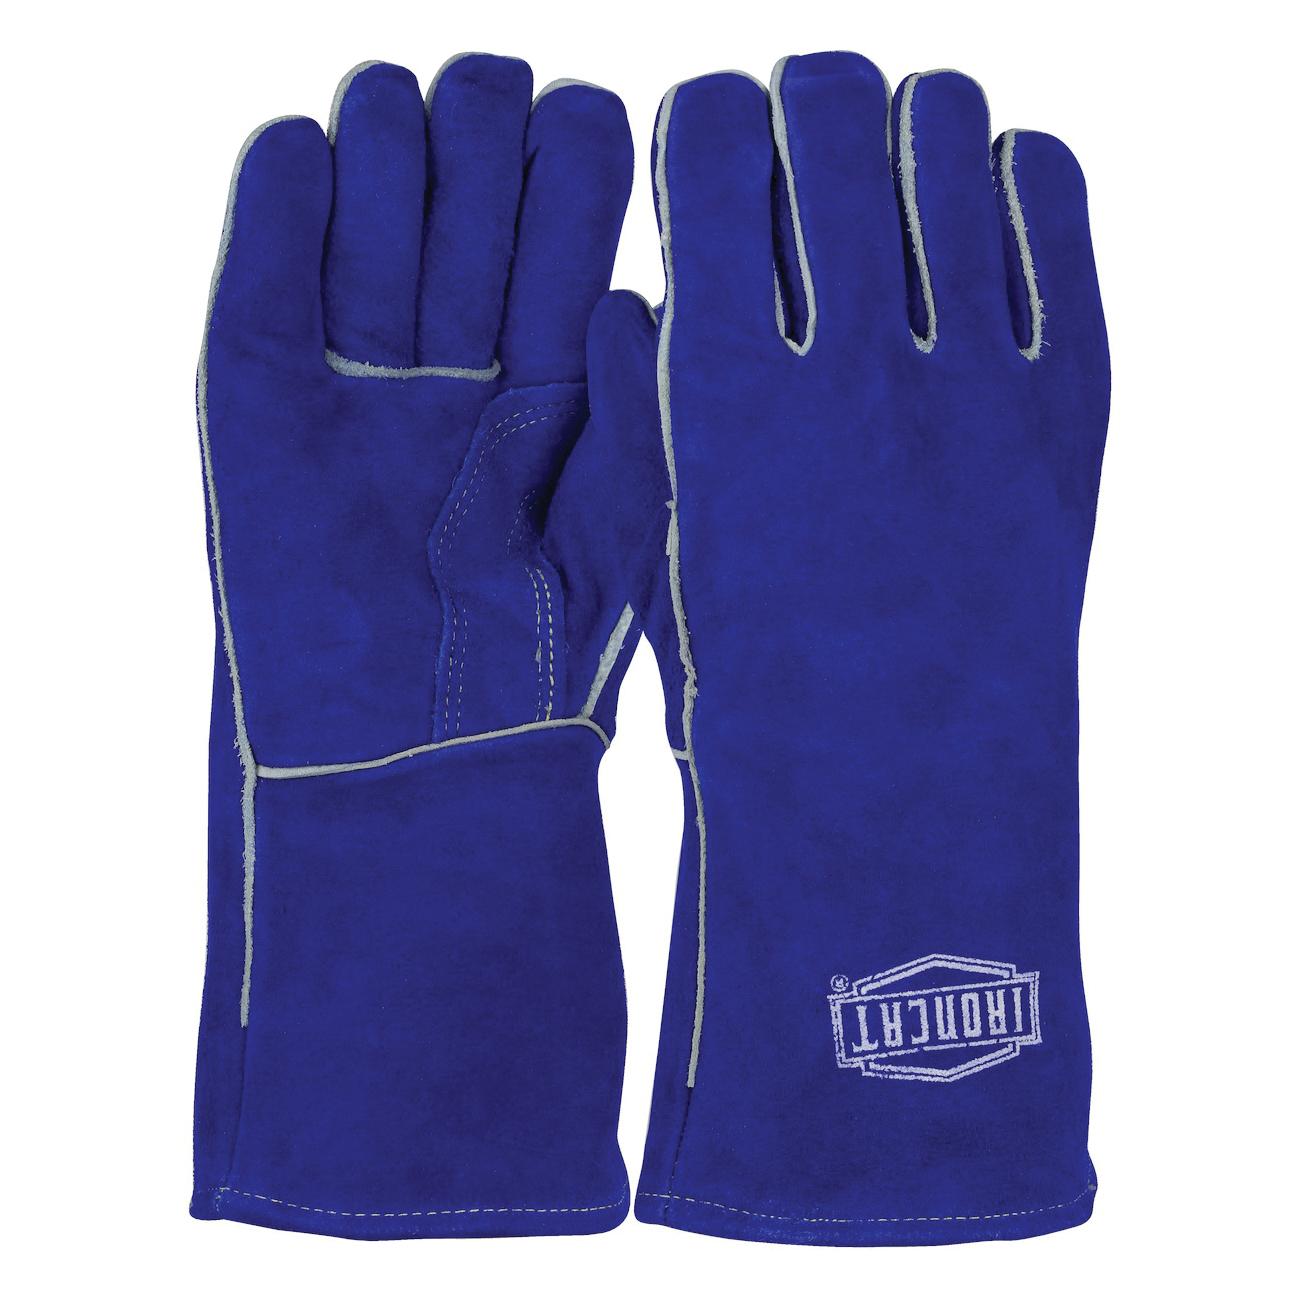 Ironcat® 9041/L Industry Grade Welding Gloves, L, Split Cowhide Leather/Kevlar® Thread, Blue, Cotton/Foam Lining, Gauntlet Cuff, 14 in L